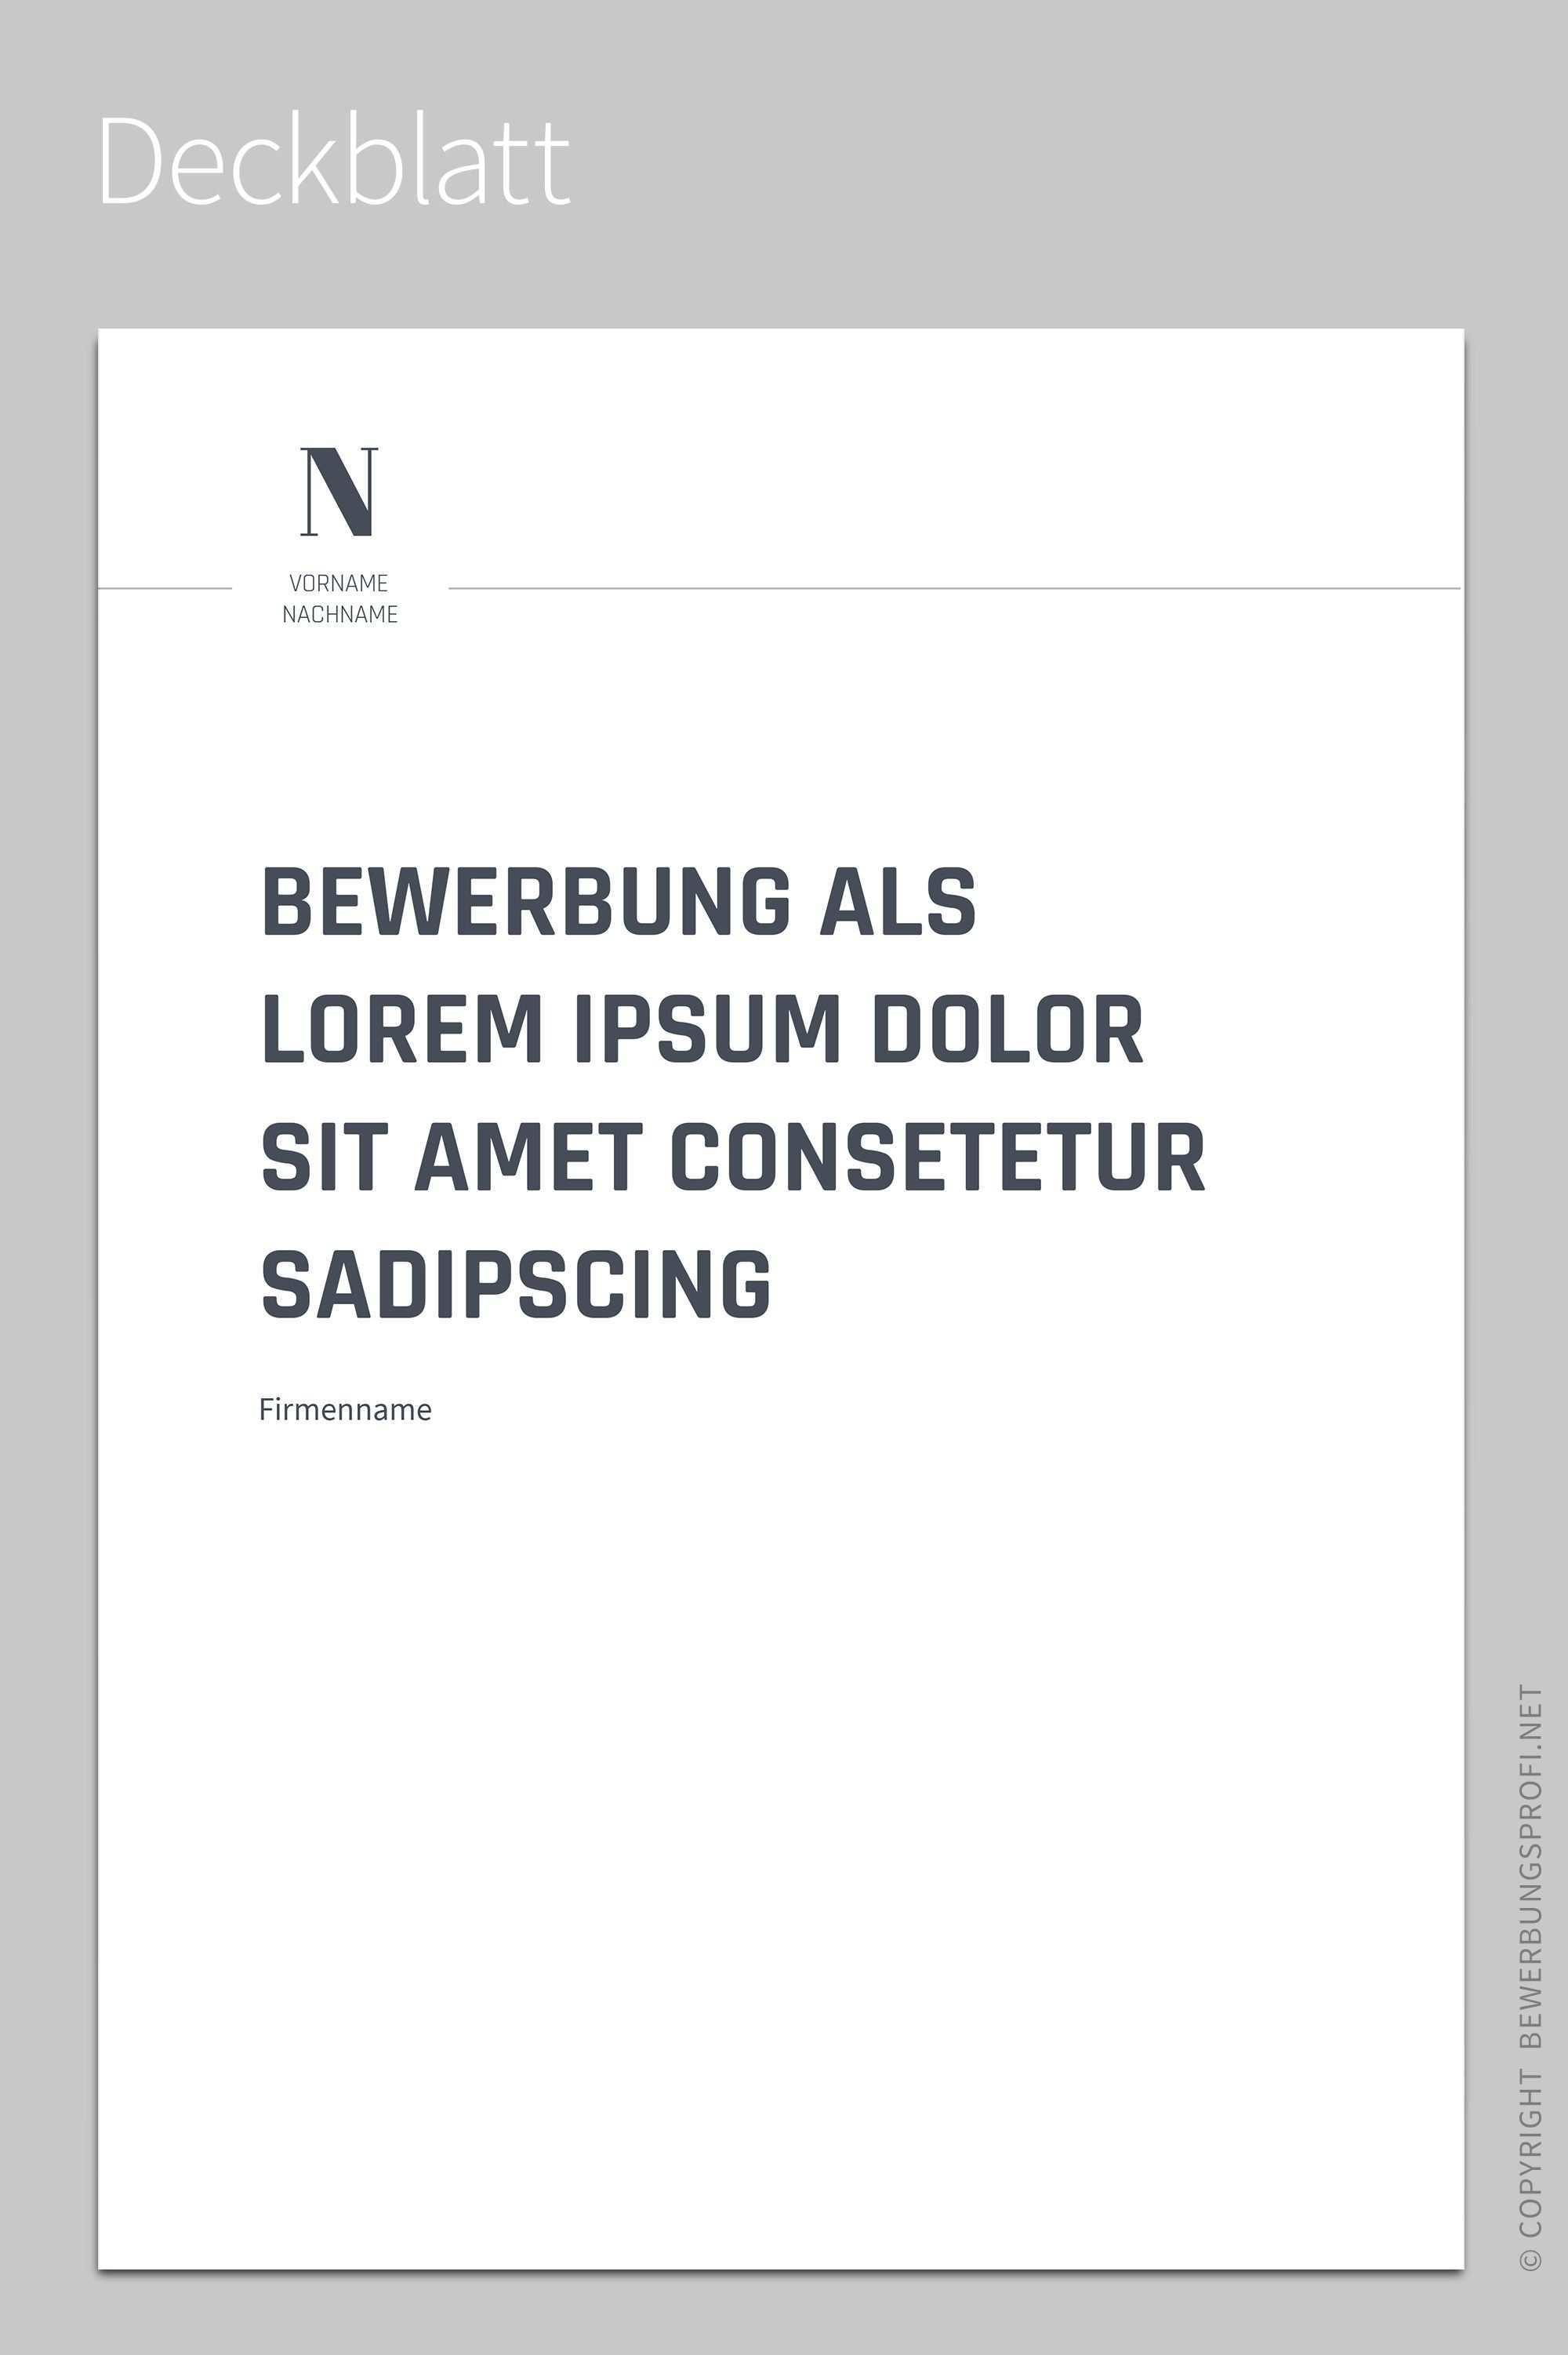 Deckblatt Novus Businessplan Vorlage Vorlagen Bewerbung